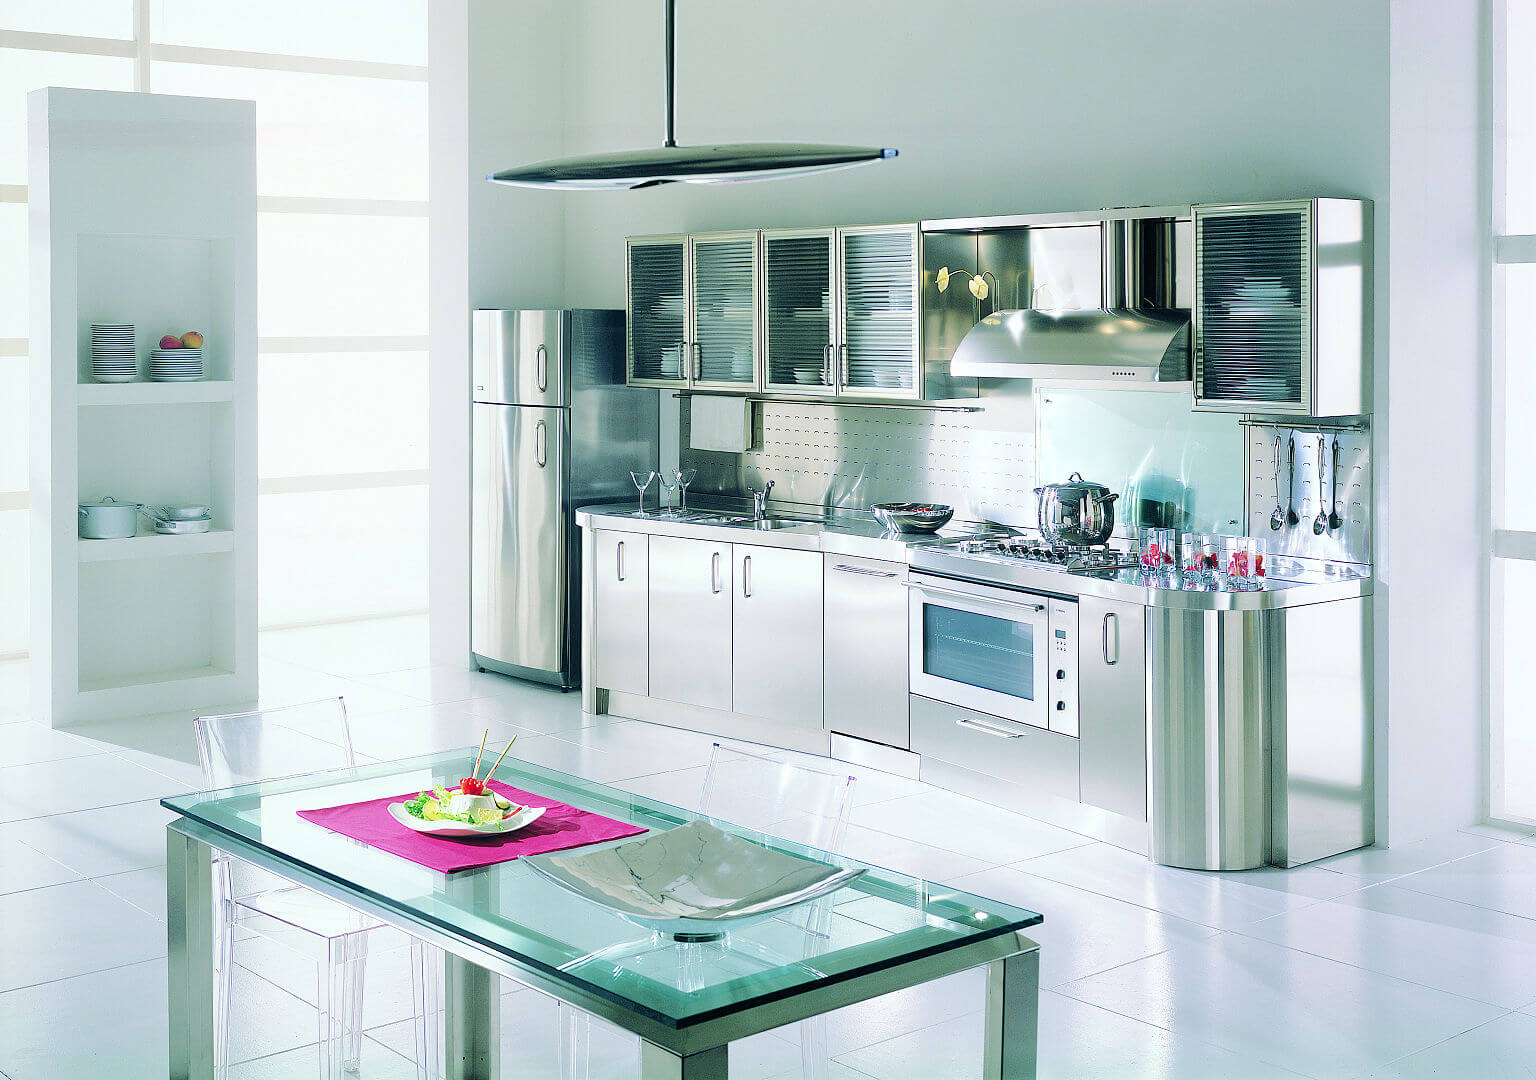 Wagon arca cucine italia cucine in acciaio inox - Cucine in acciaio inox ...